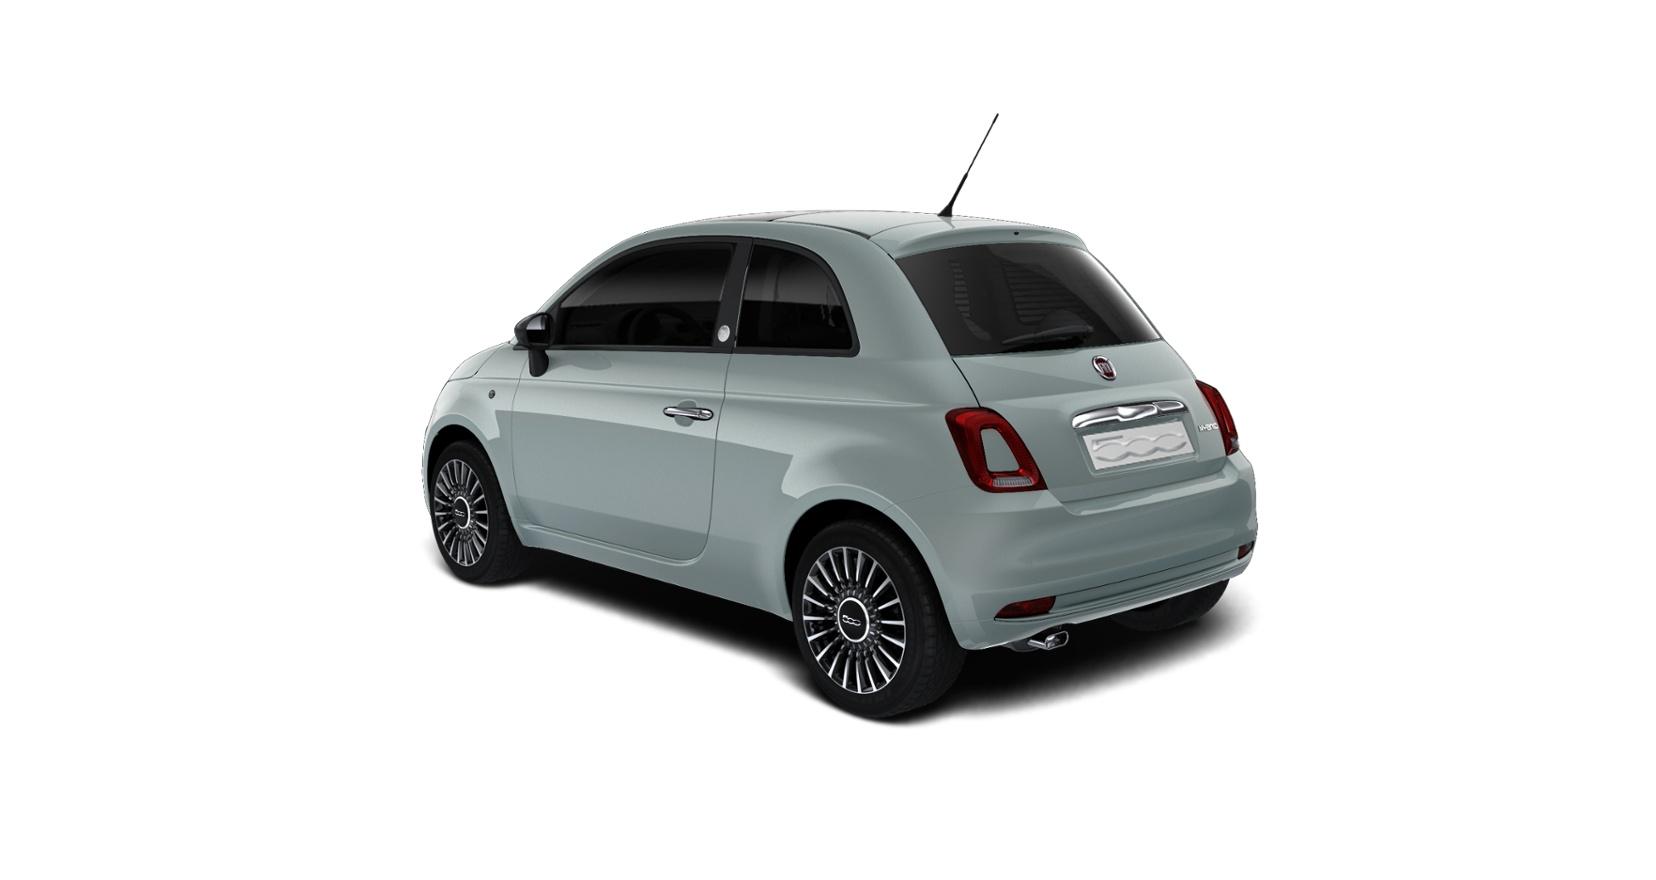 Fiat 500 hybrid launch edition - schuin achteraanzicht